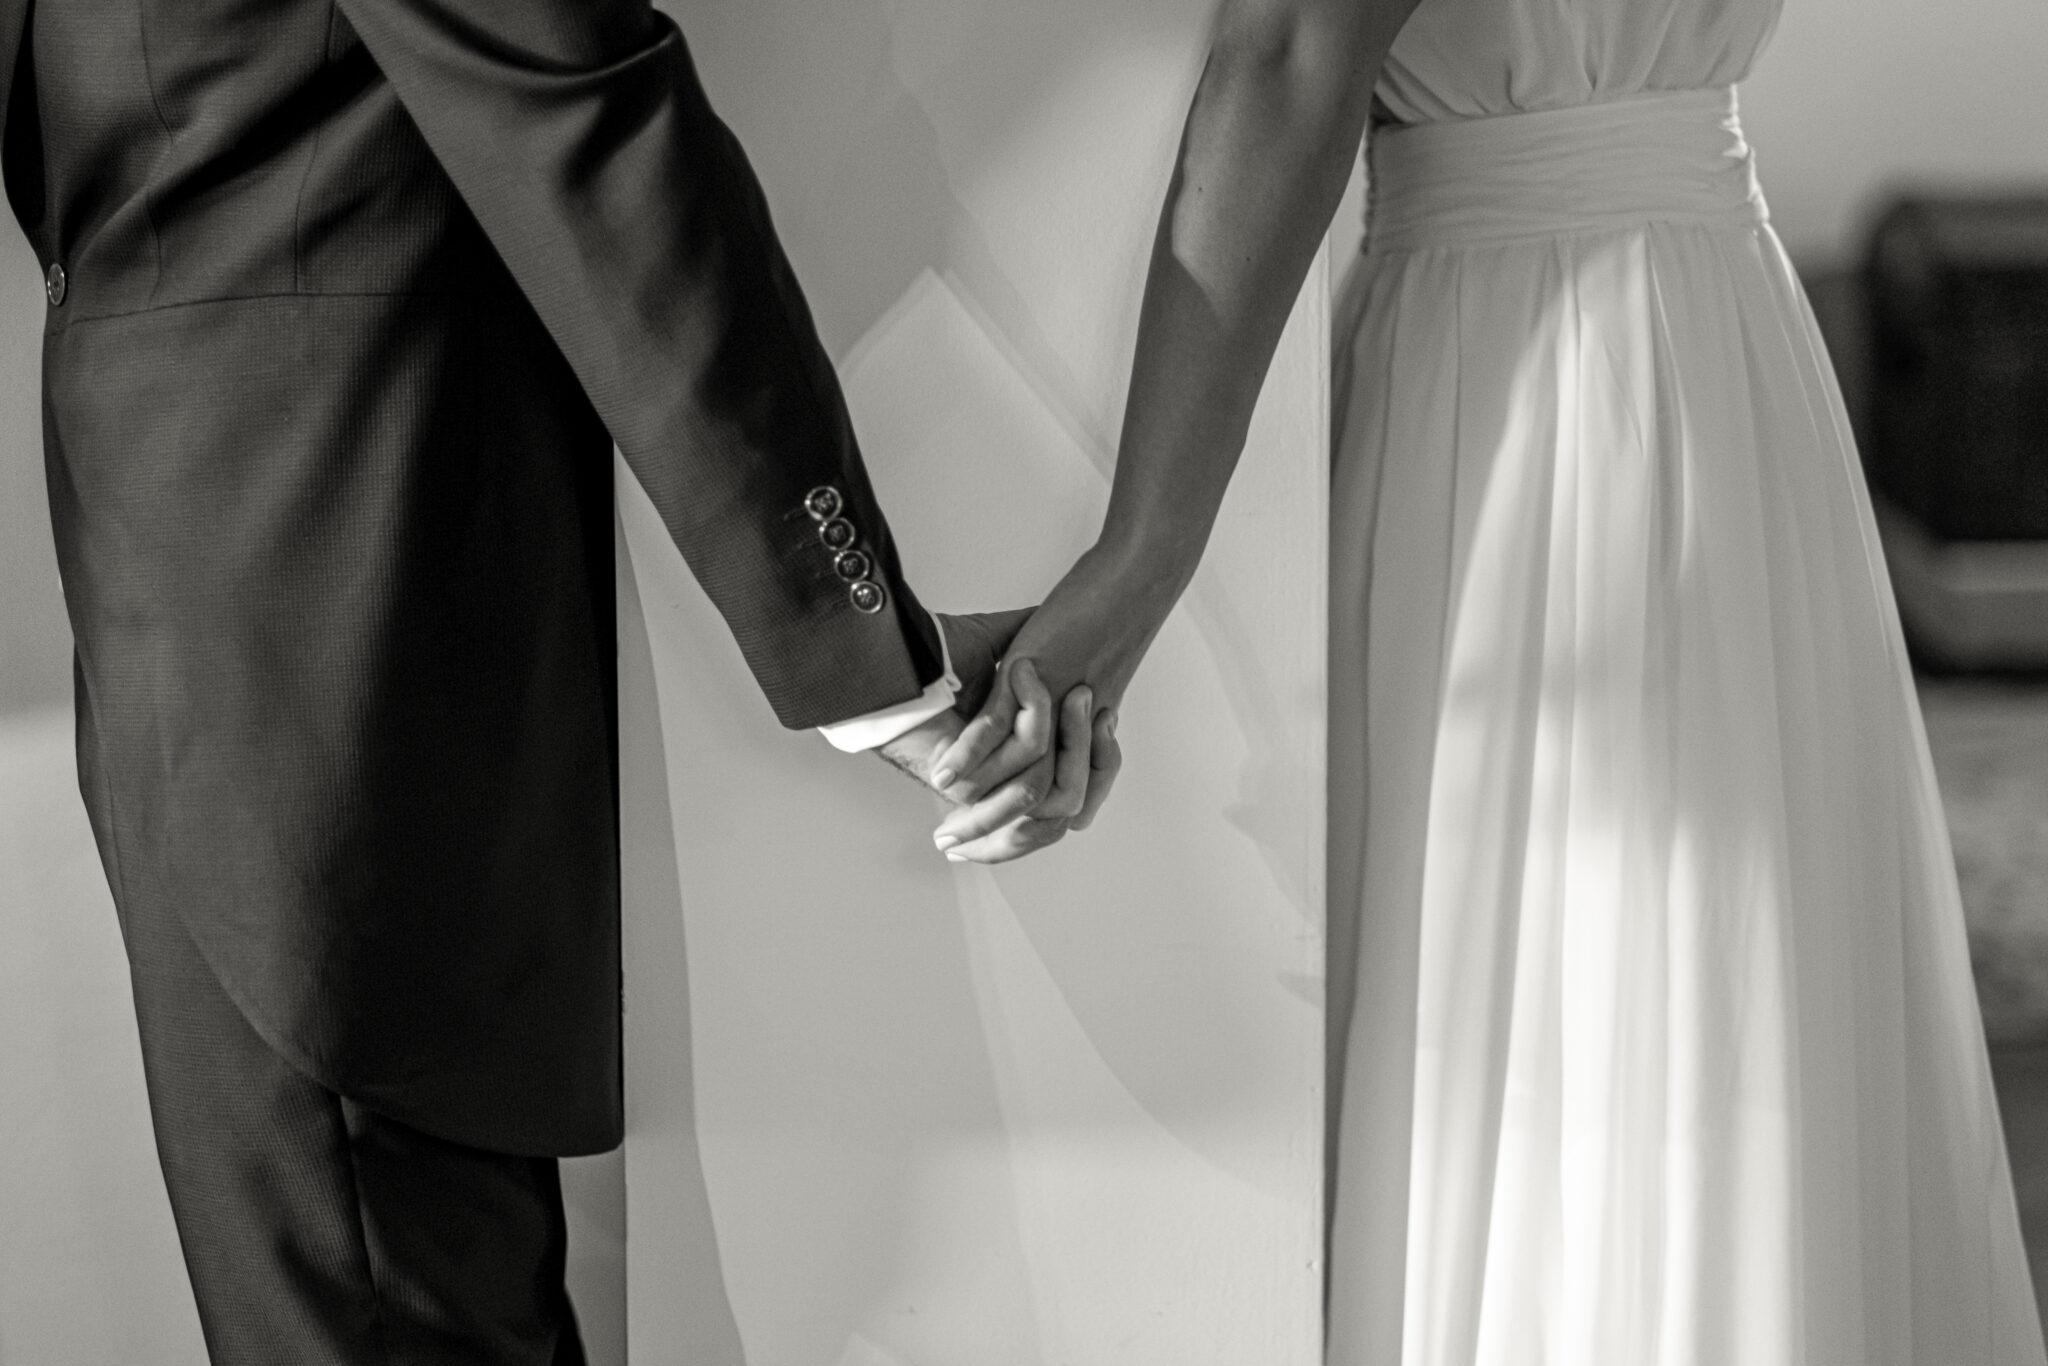 Foto encuentro antes de ceremonia novio y novia blanco y negro detalle manos